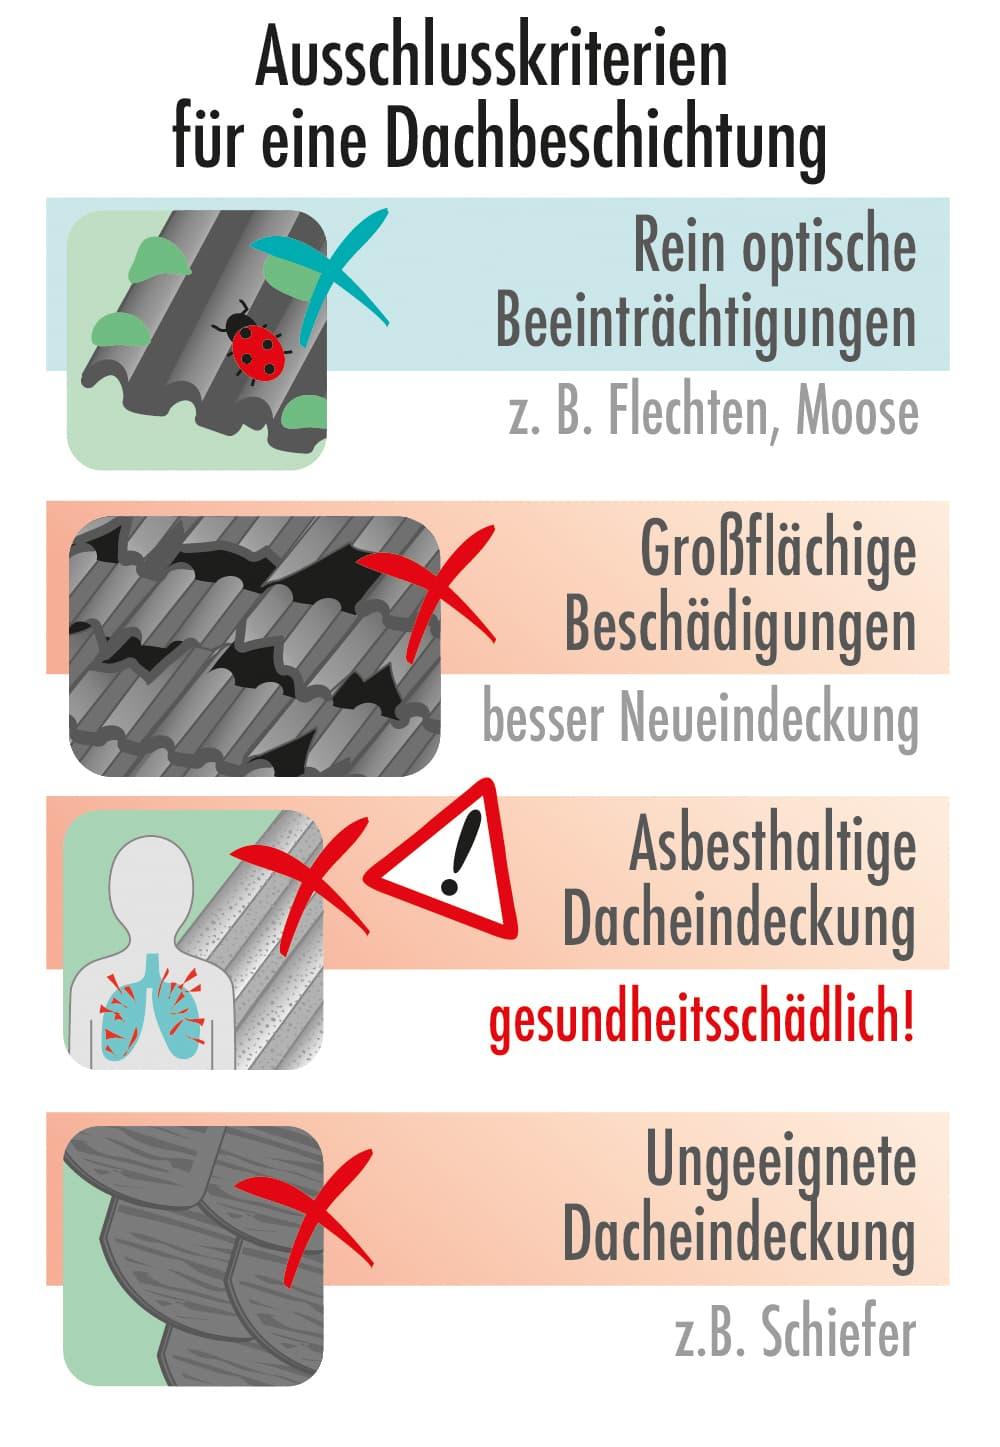 Anschlusskriterien für eine Dachbeschichtung